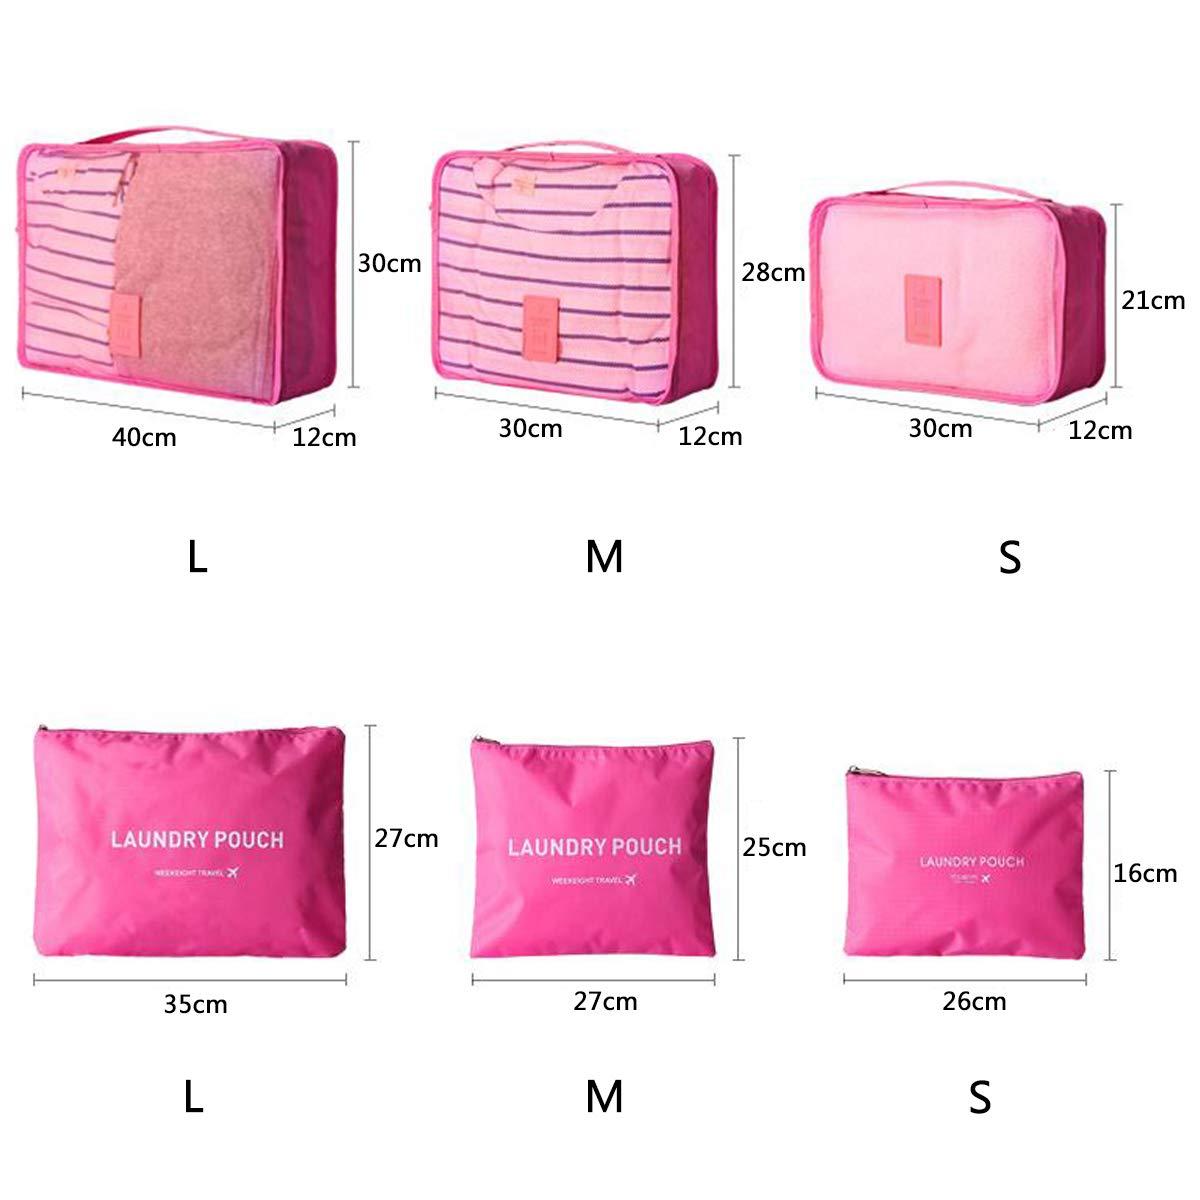 Coolzon Organizador Equipaje de Viaje Impermeable Cubos Embalaje Bolsa de Zapato Organizador Maleta Packing Cubes Azul Oscuro 6 Set